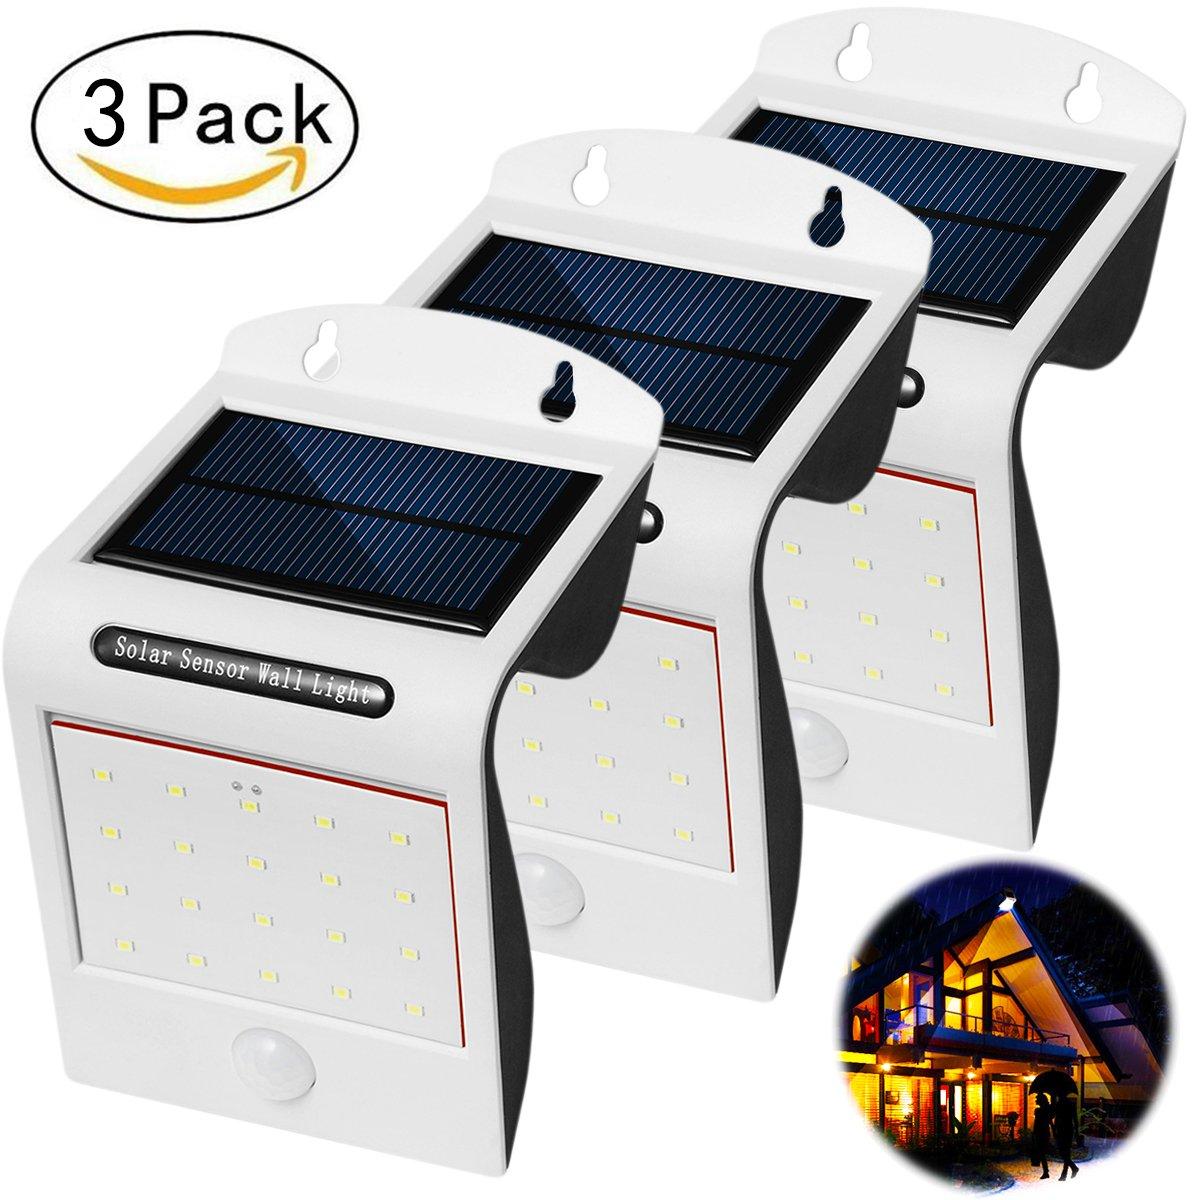 LED壁ライト屋外モーション防水ソーラーウォールライト屋外モーションセンサー20 LEDセキュリティセンサーLEDライト外フェンス 3 Pack GL-20857 B07689LFZM